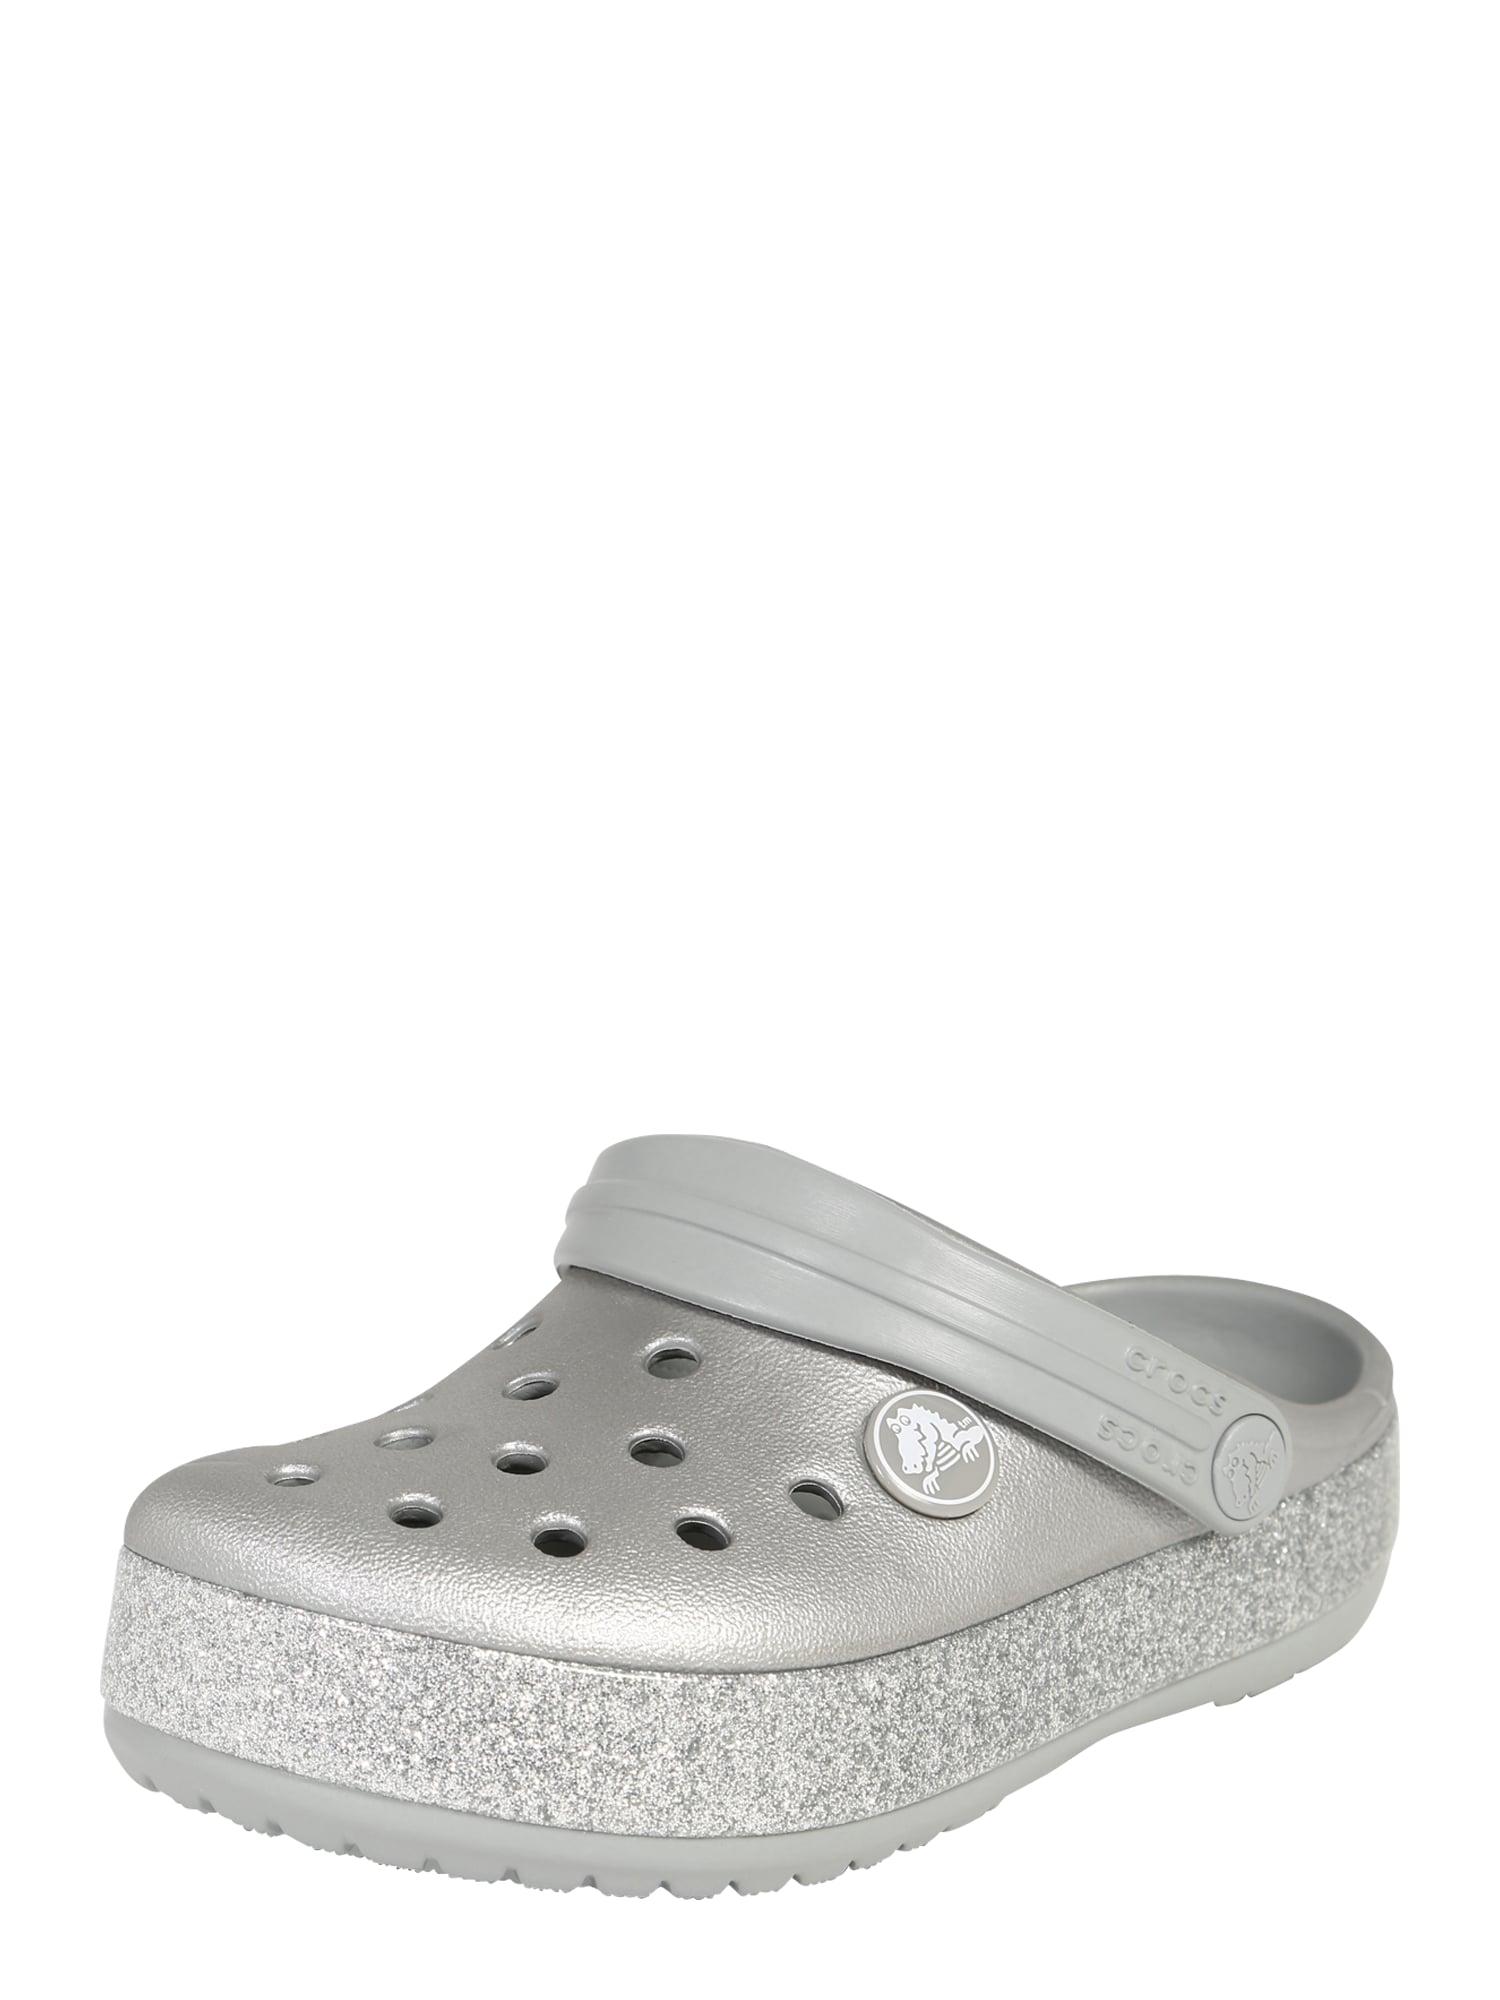 Otevřená obuv stříbrně šedá Crocs